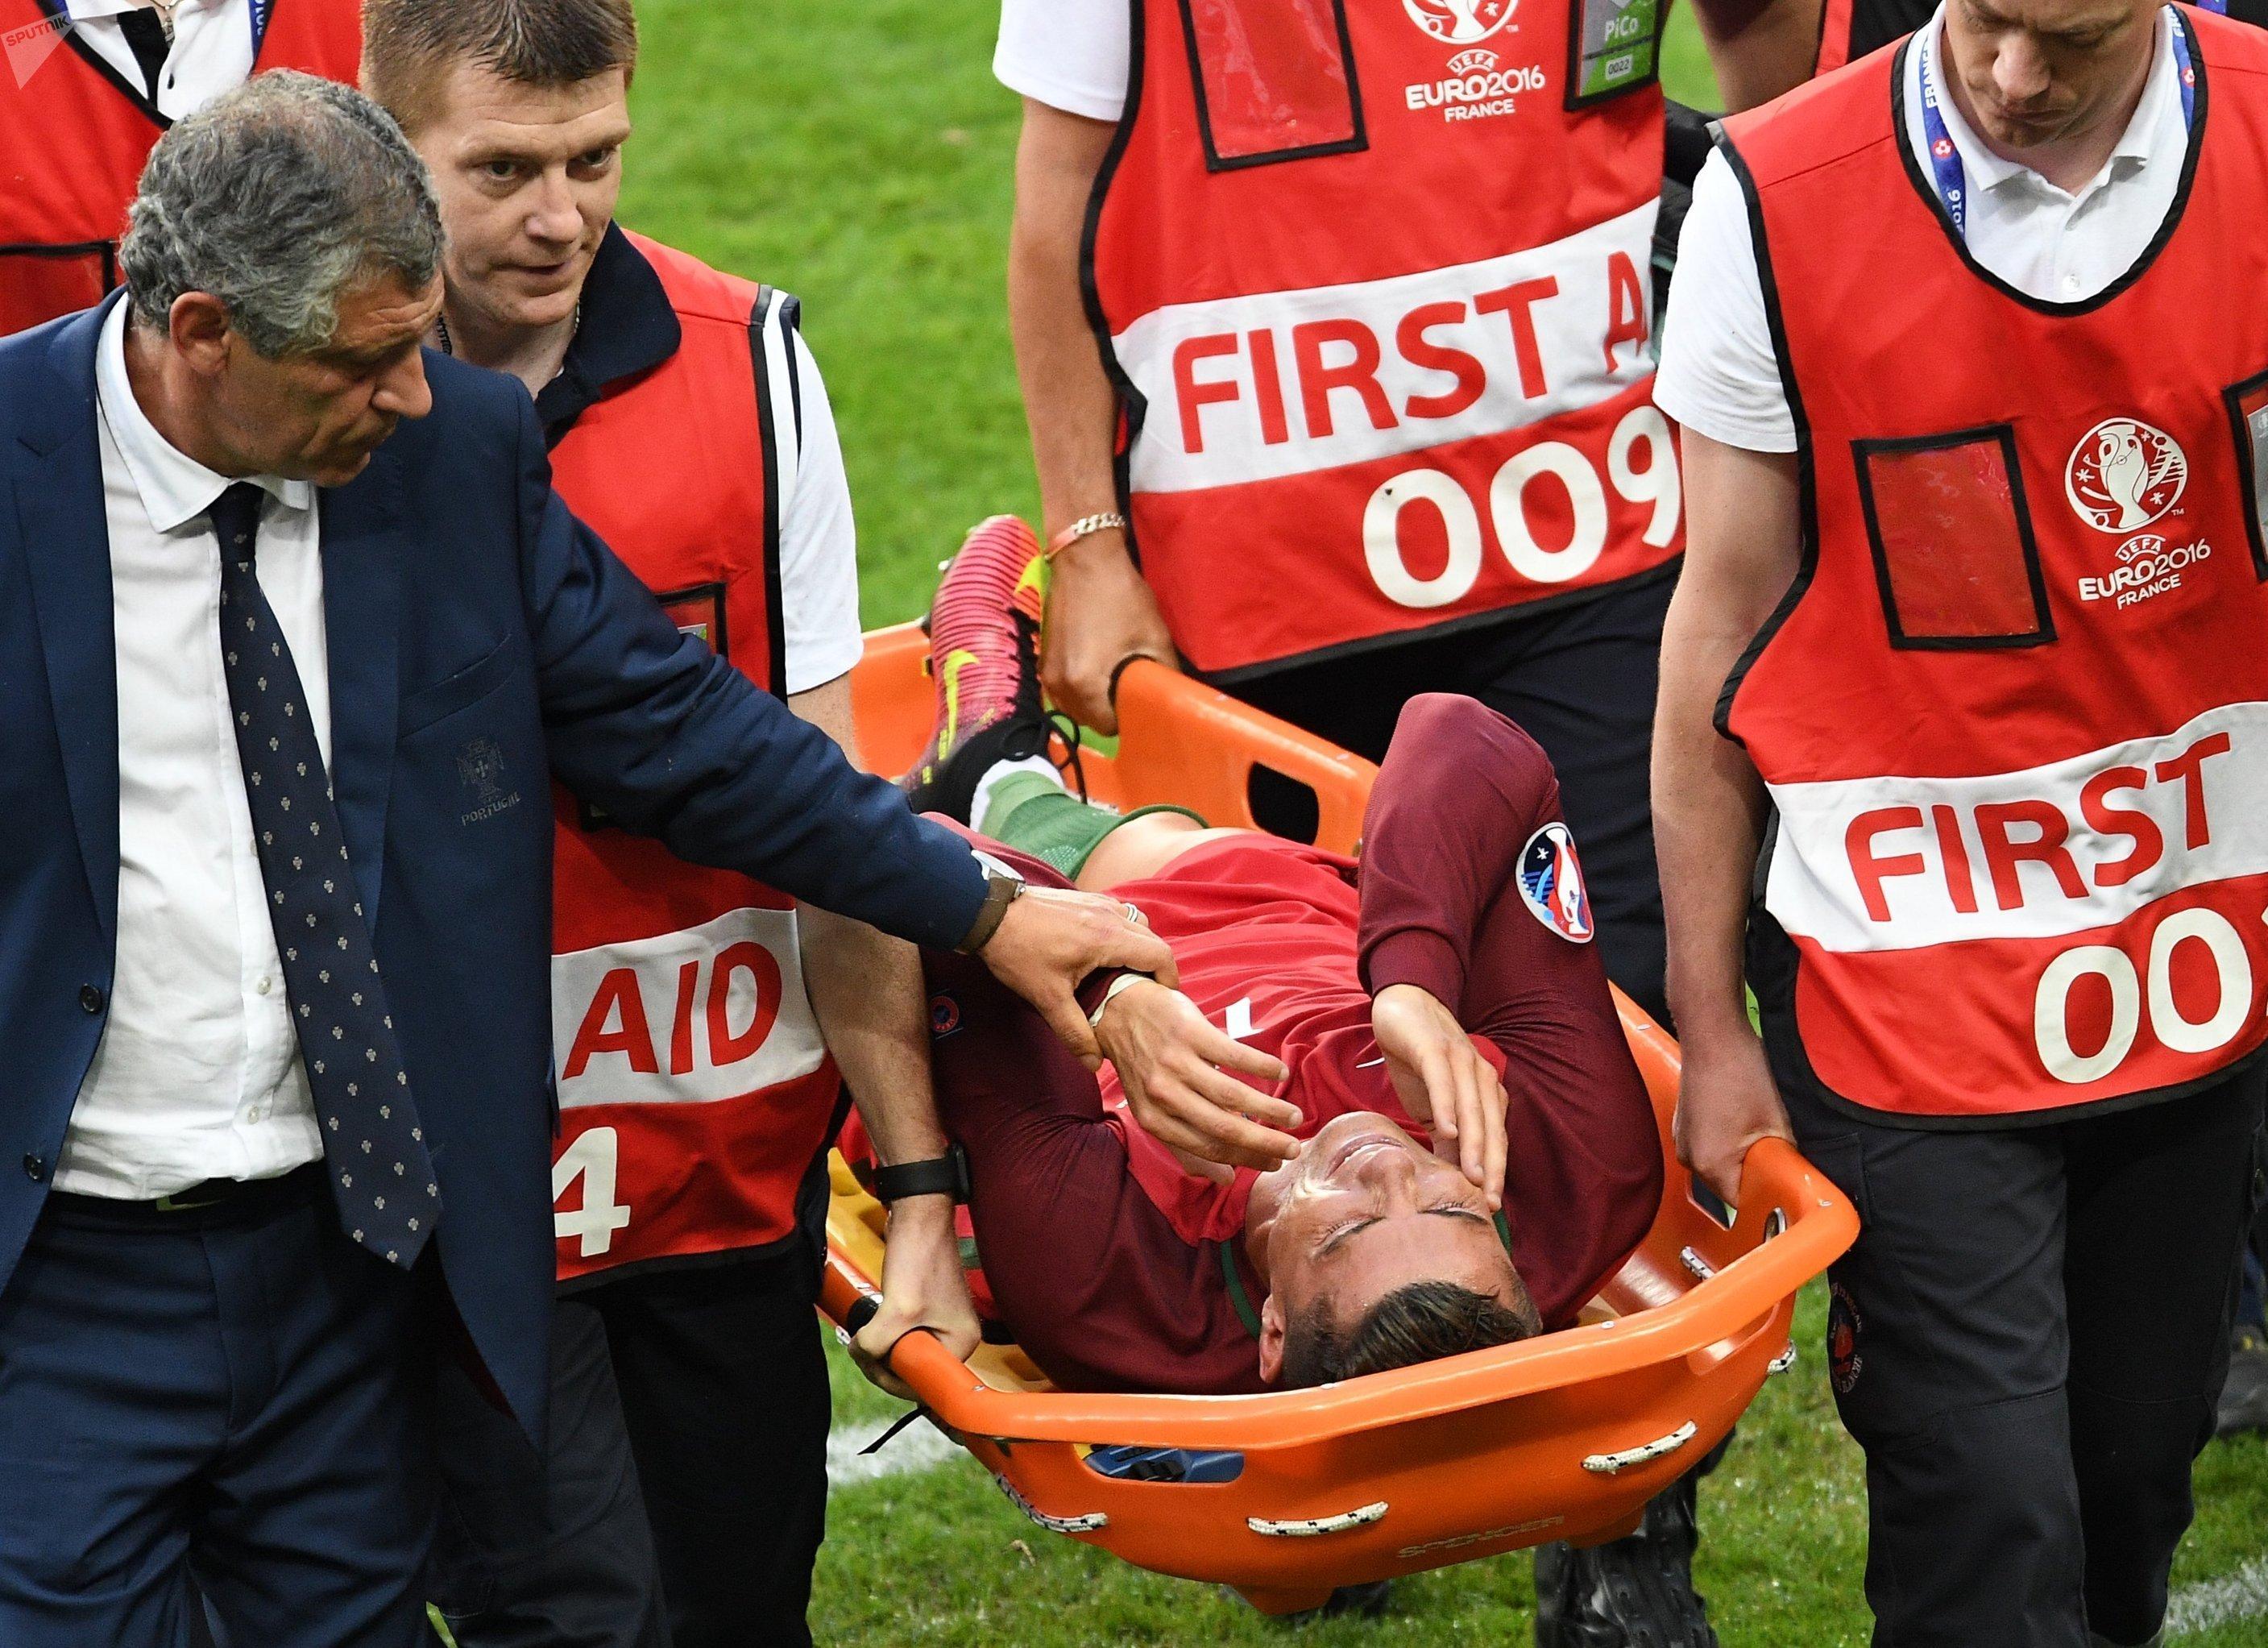 Даже получив травму, не позволившую Криштиану Роналду продолжить матч, капитан сборной Португалии помогал как мог своим товарищам с кромки поля